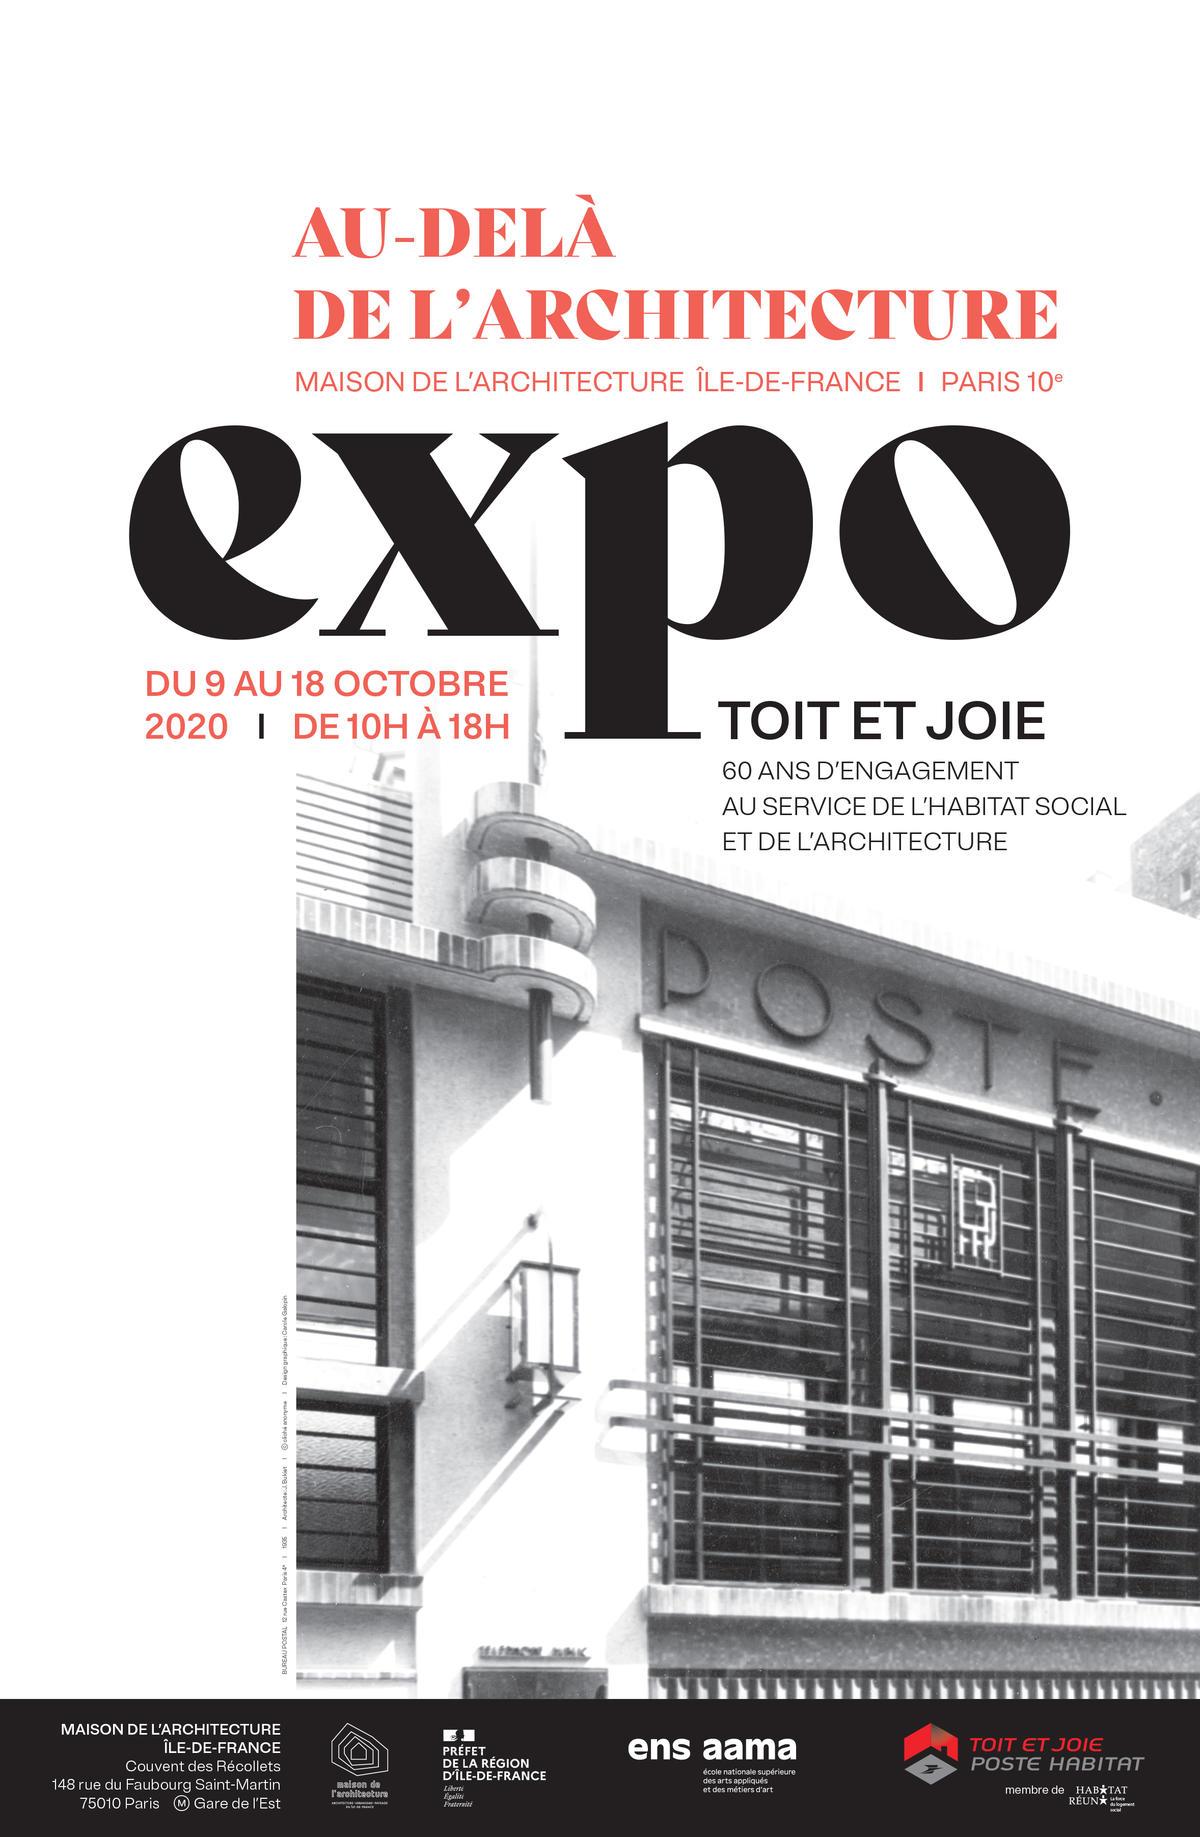 L'histoire du bailleur social Toit et Joie s'expose à la Maison de l'Architecture